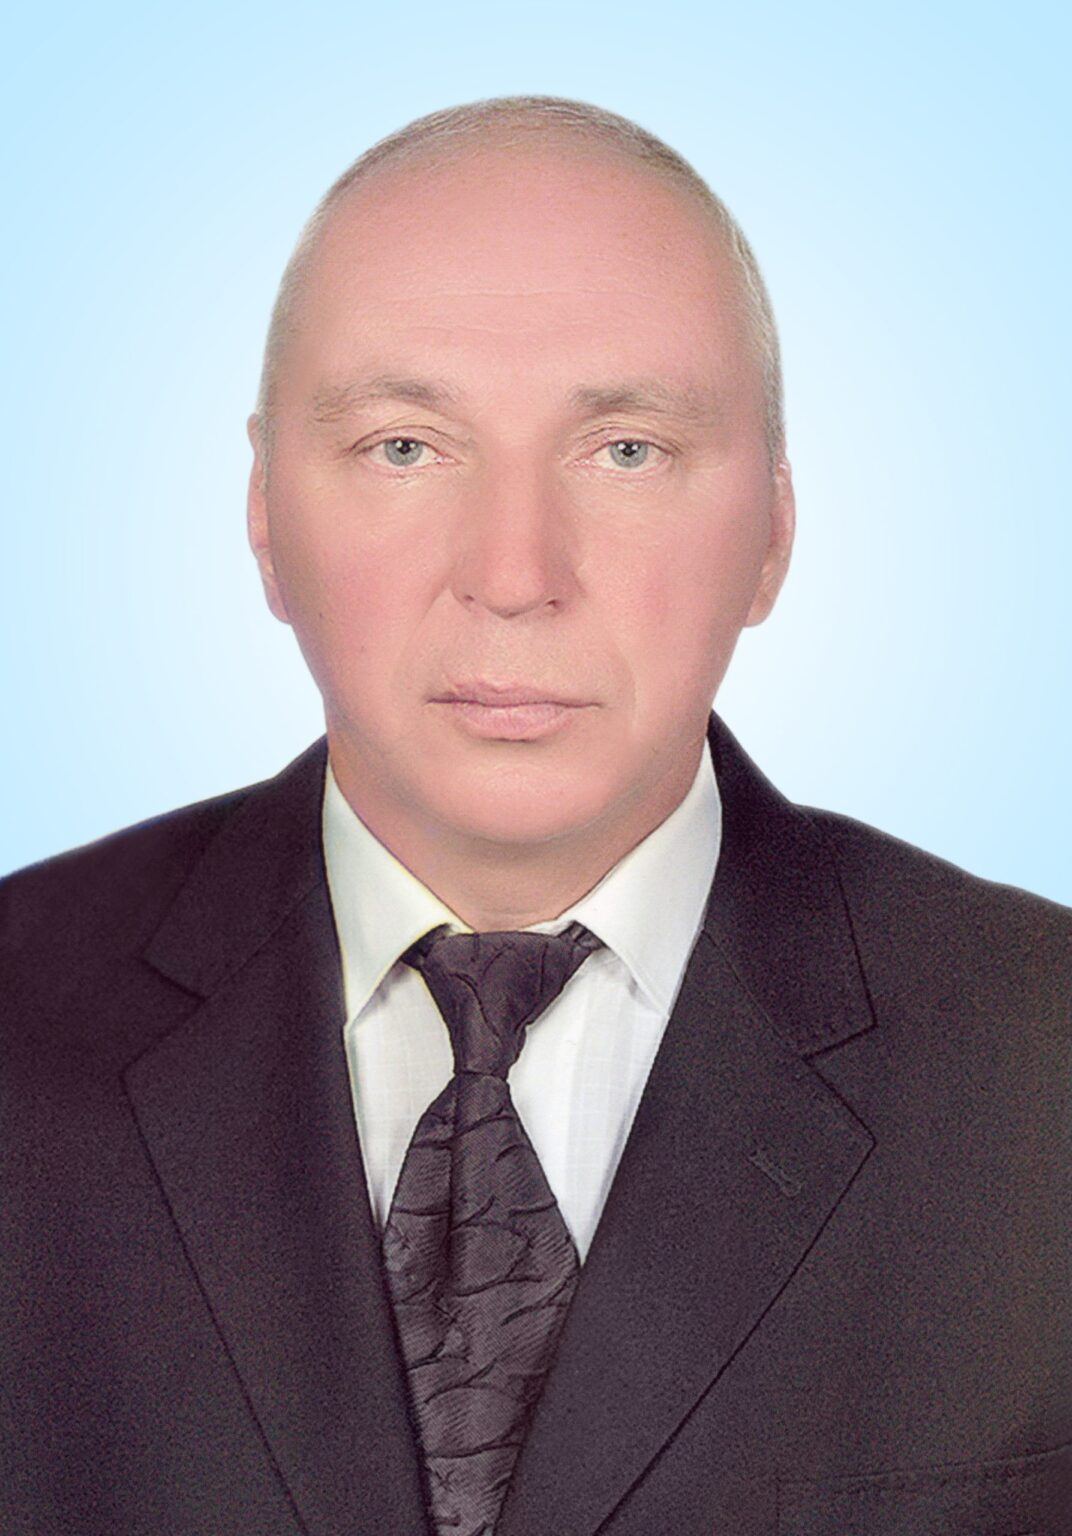 Бутрин Володимир Володимирович, завідувач Тернопільського відділення КНДІСЕ